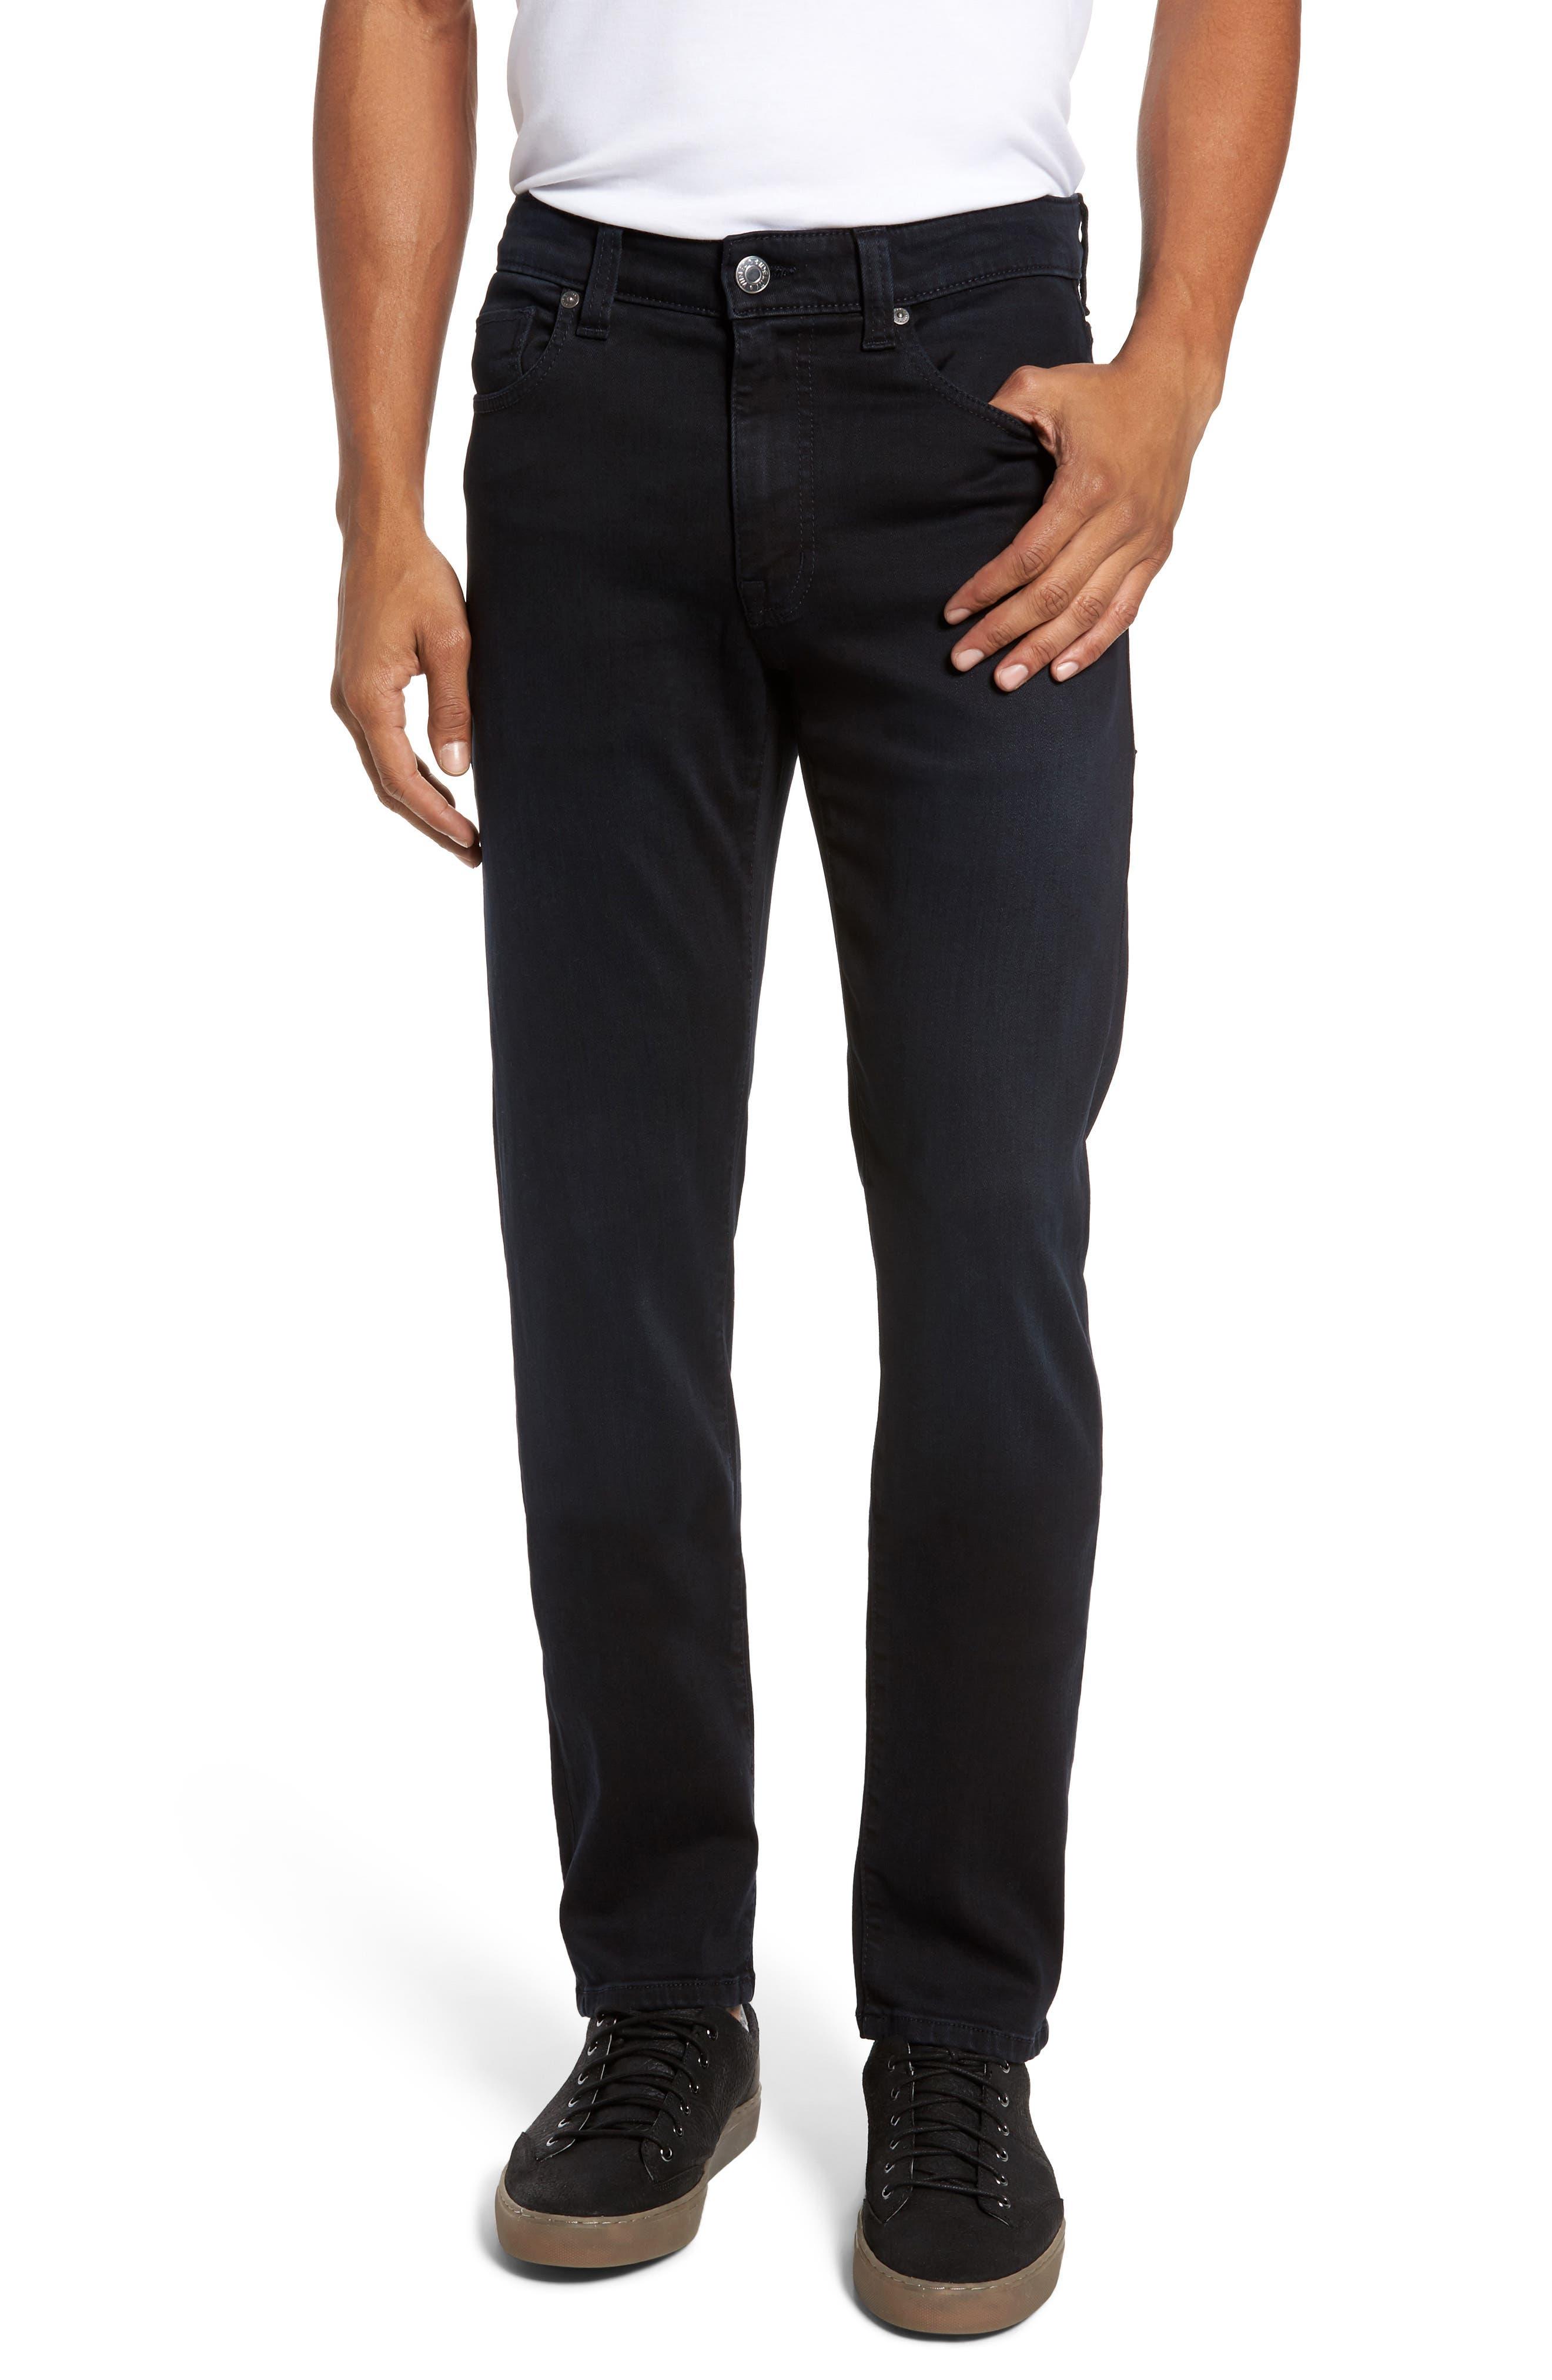 Torino Slim Fit Jeans,                             Main thumbnail 1, color,                             Saffire Blue